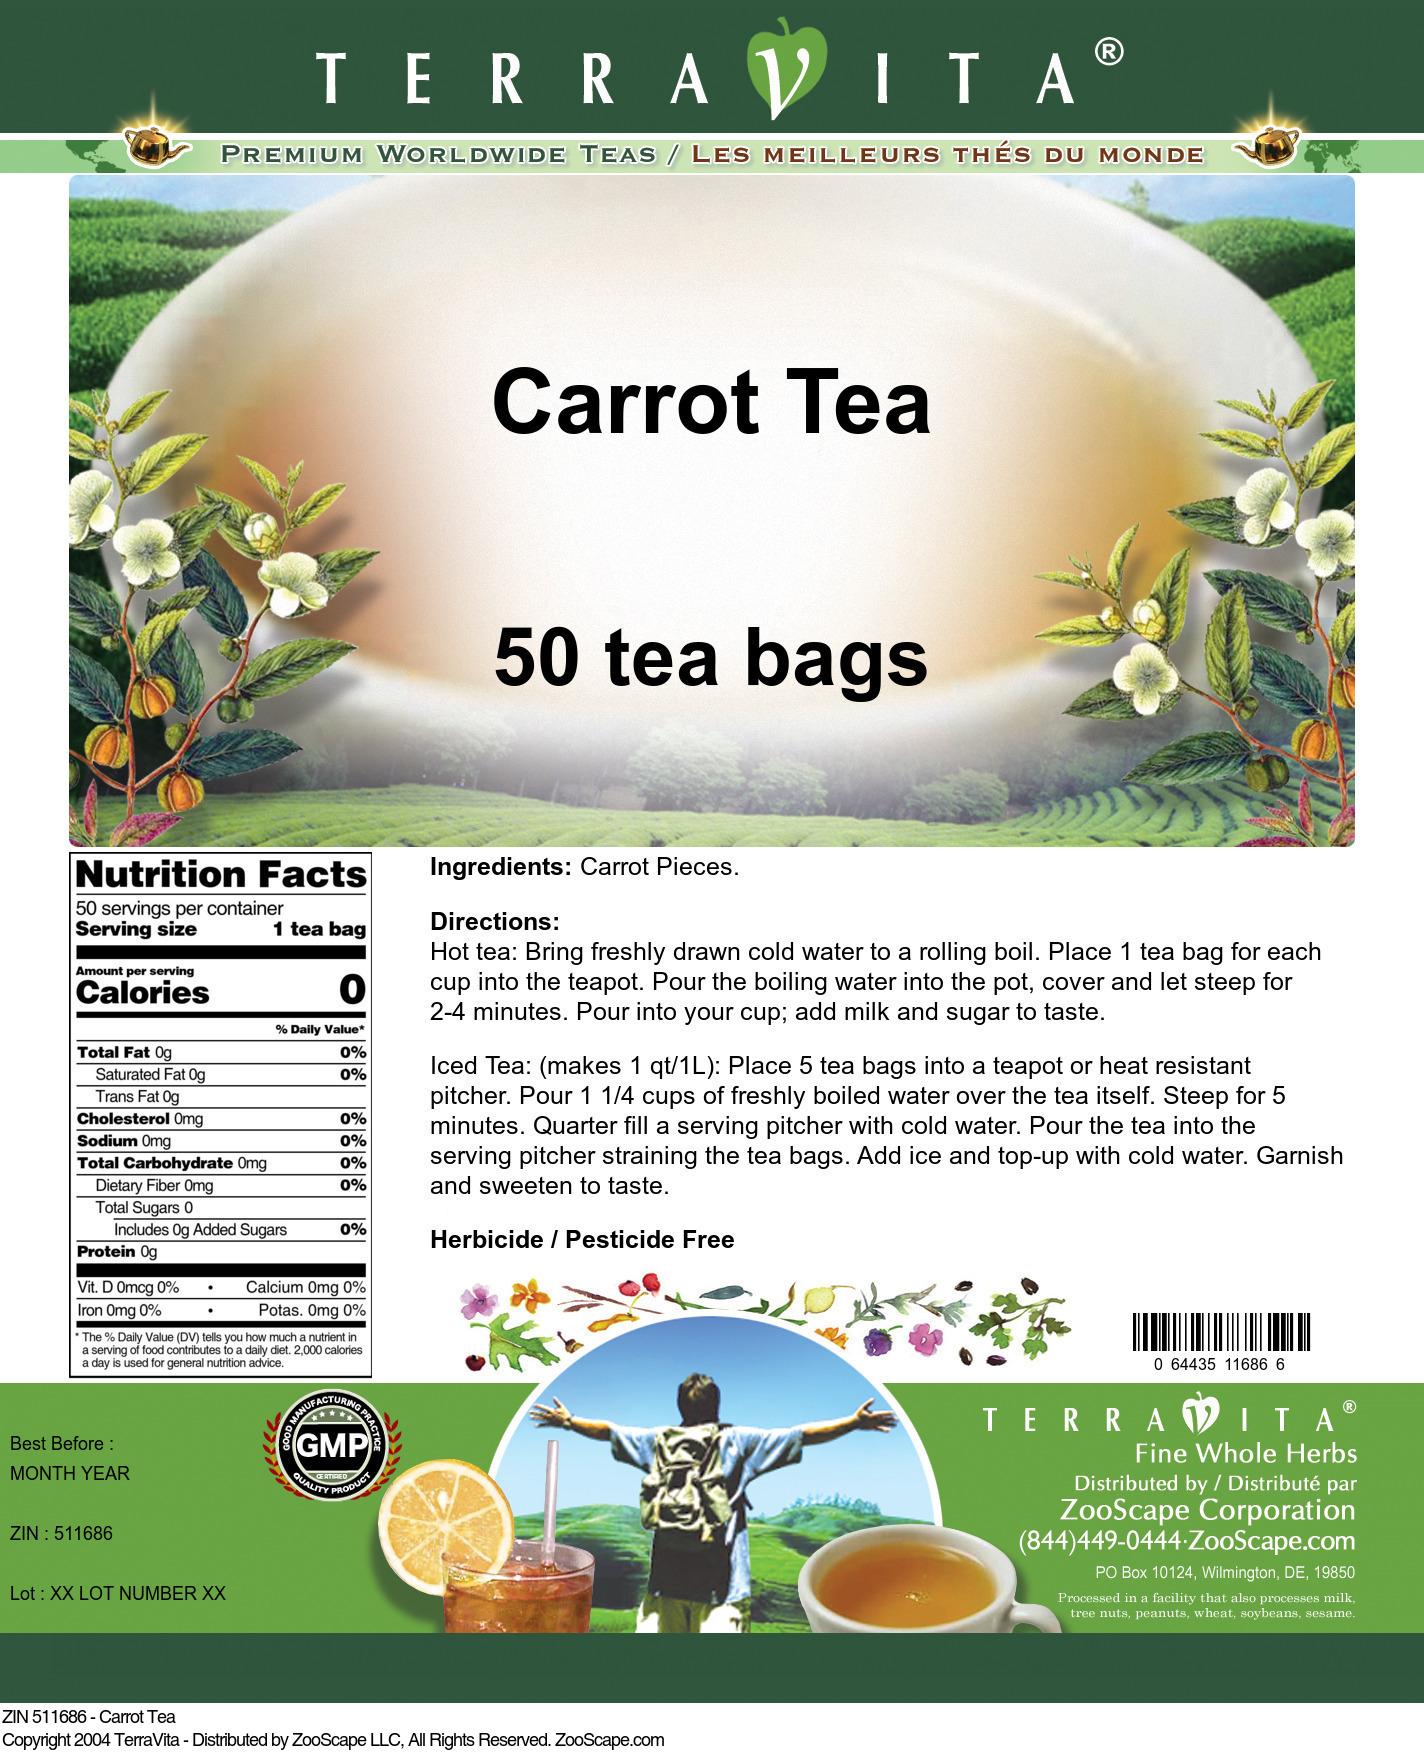 Carrot Tea